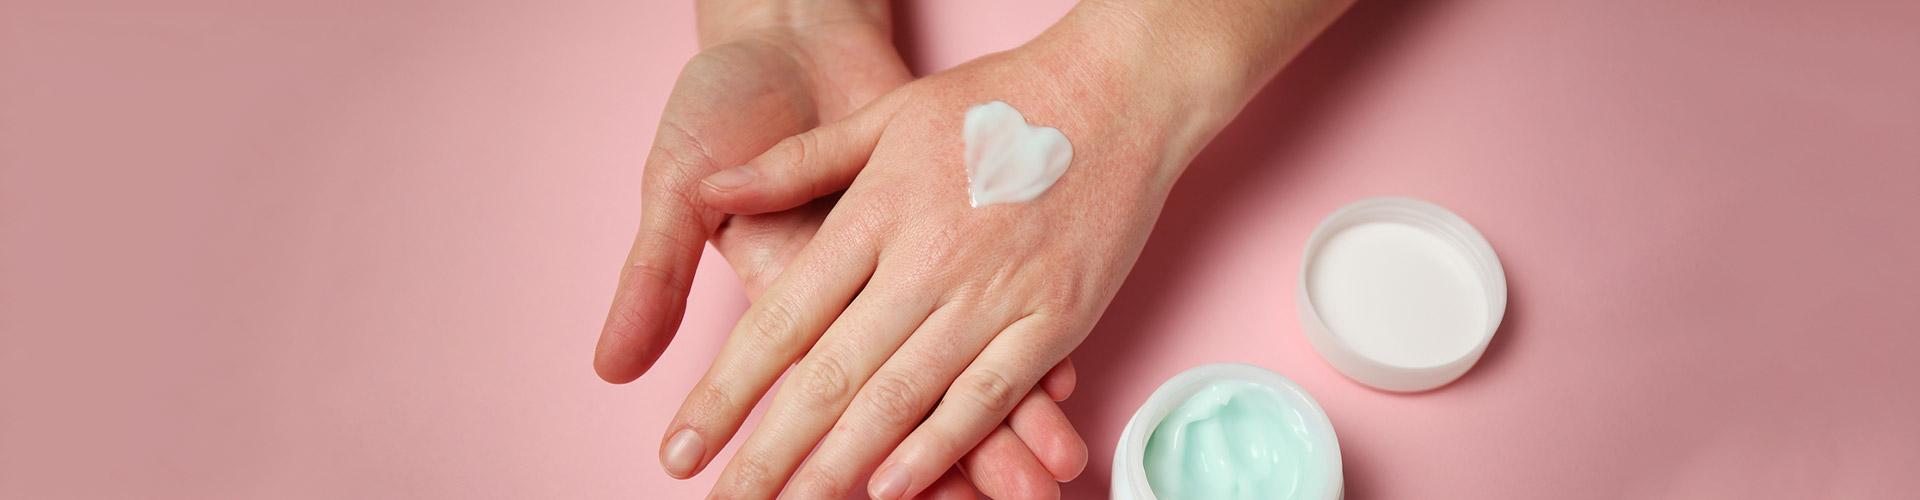 Atopic Dermatitis/Eczema Alpharetta, GA